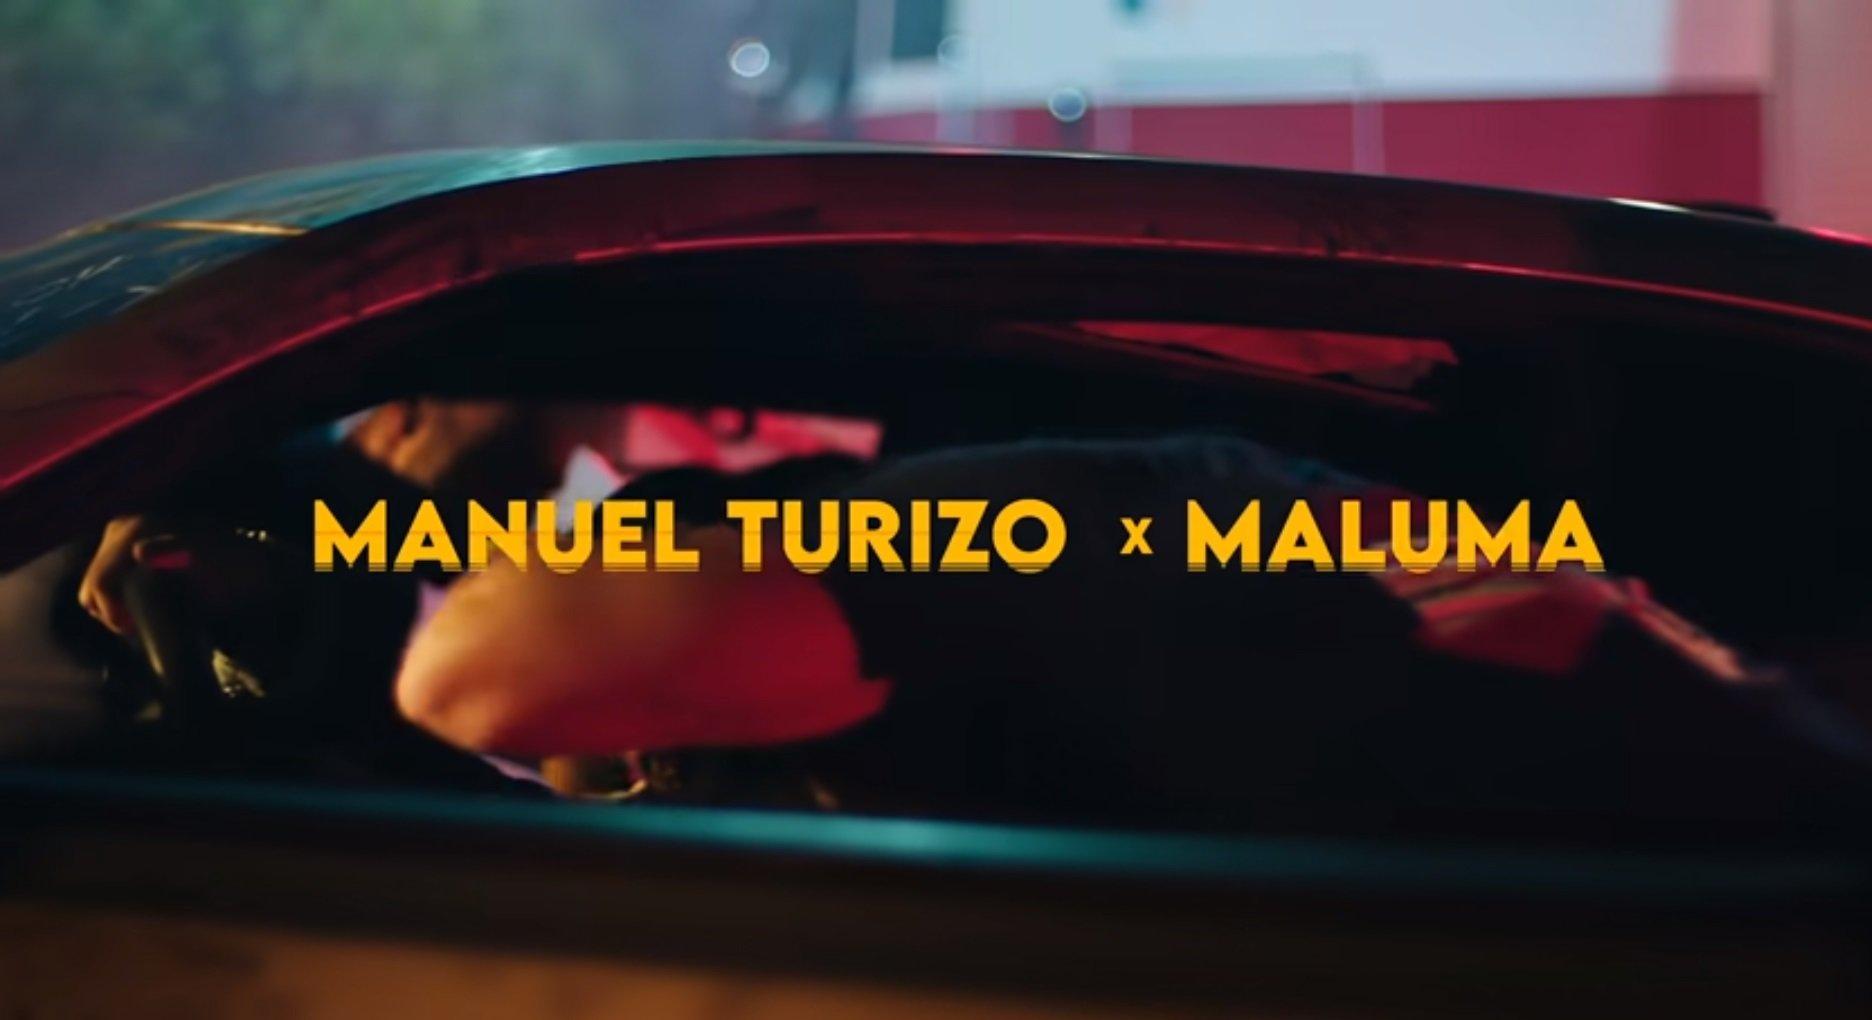 Amor En Coma MTZ Manuel Turizo x Maluma